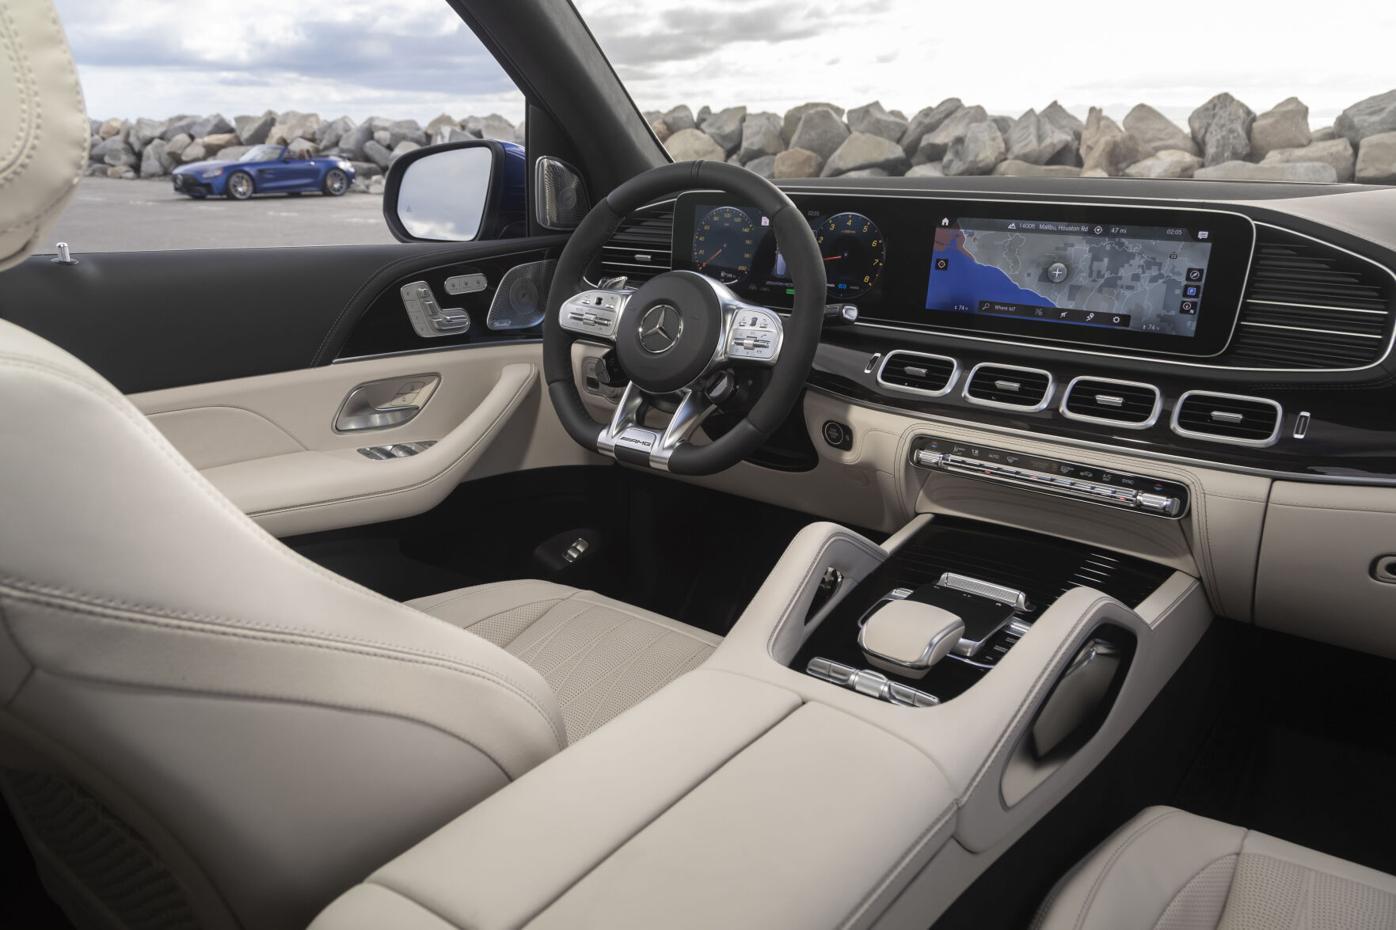 Mercedes-AMG GLE 63 S (36)-source.jpg